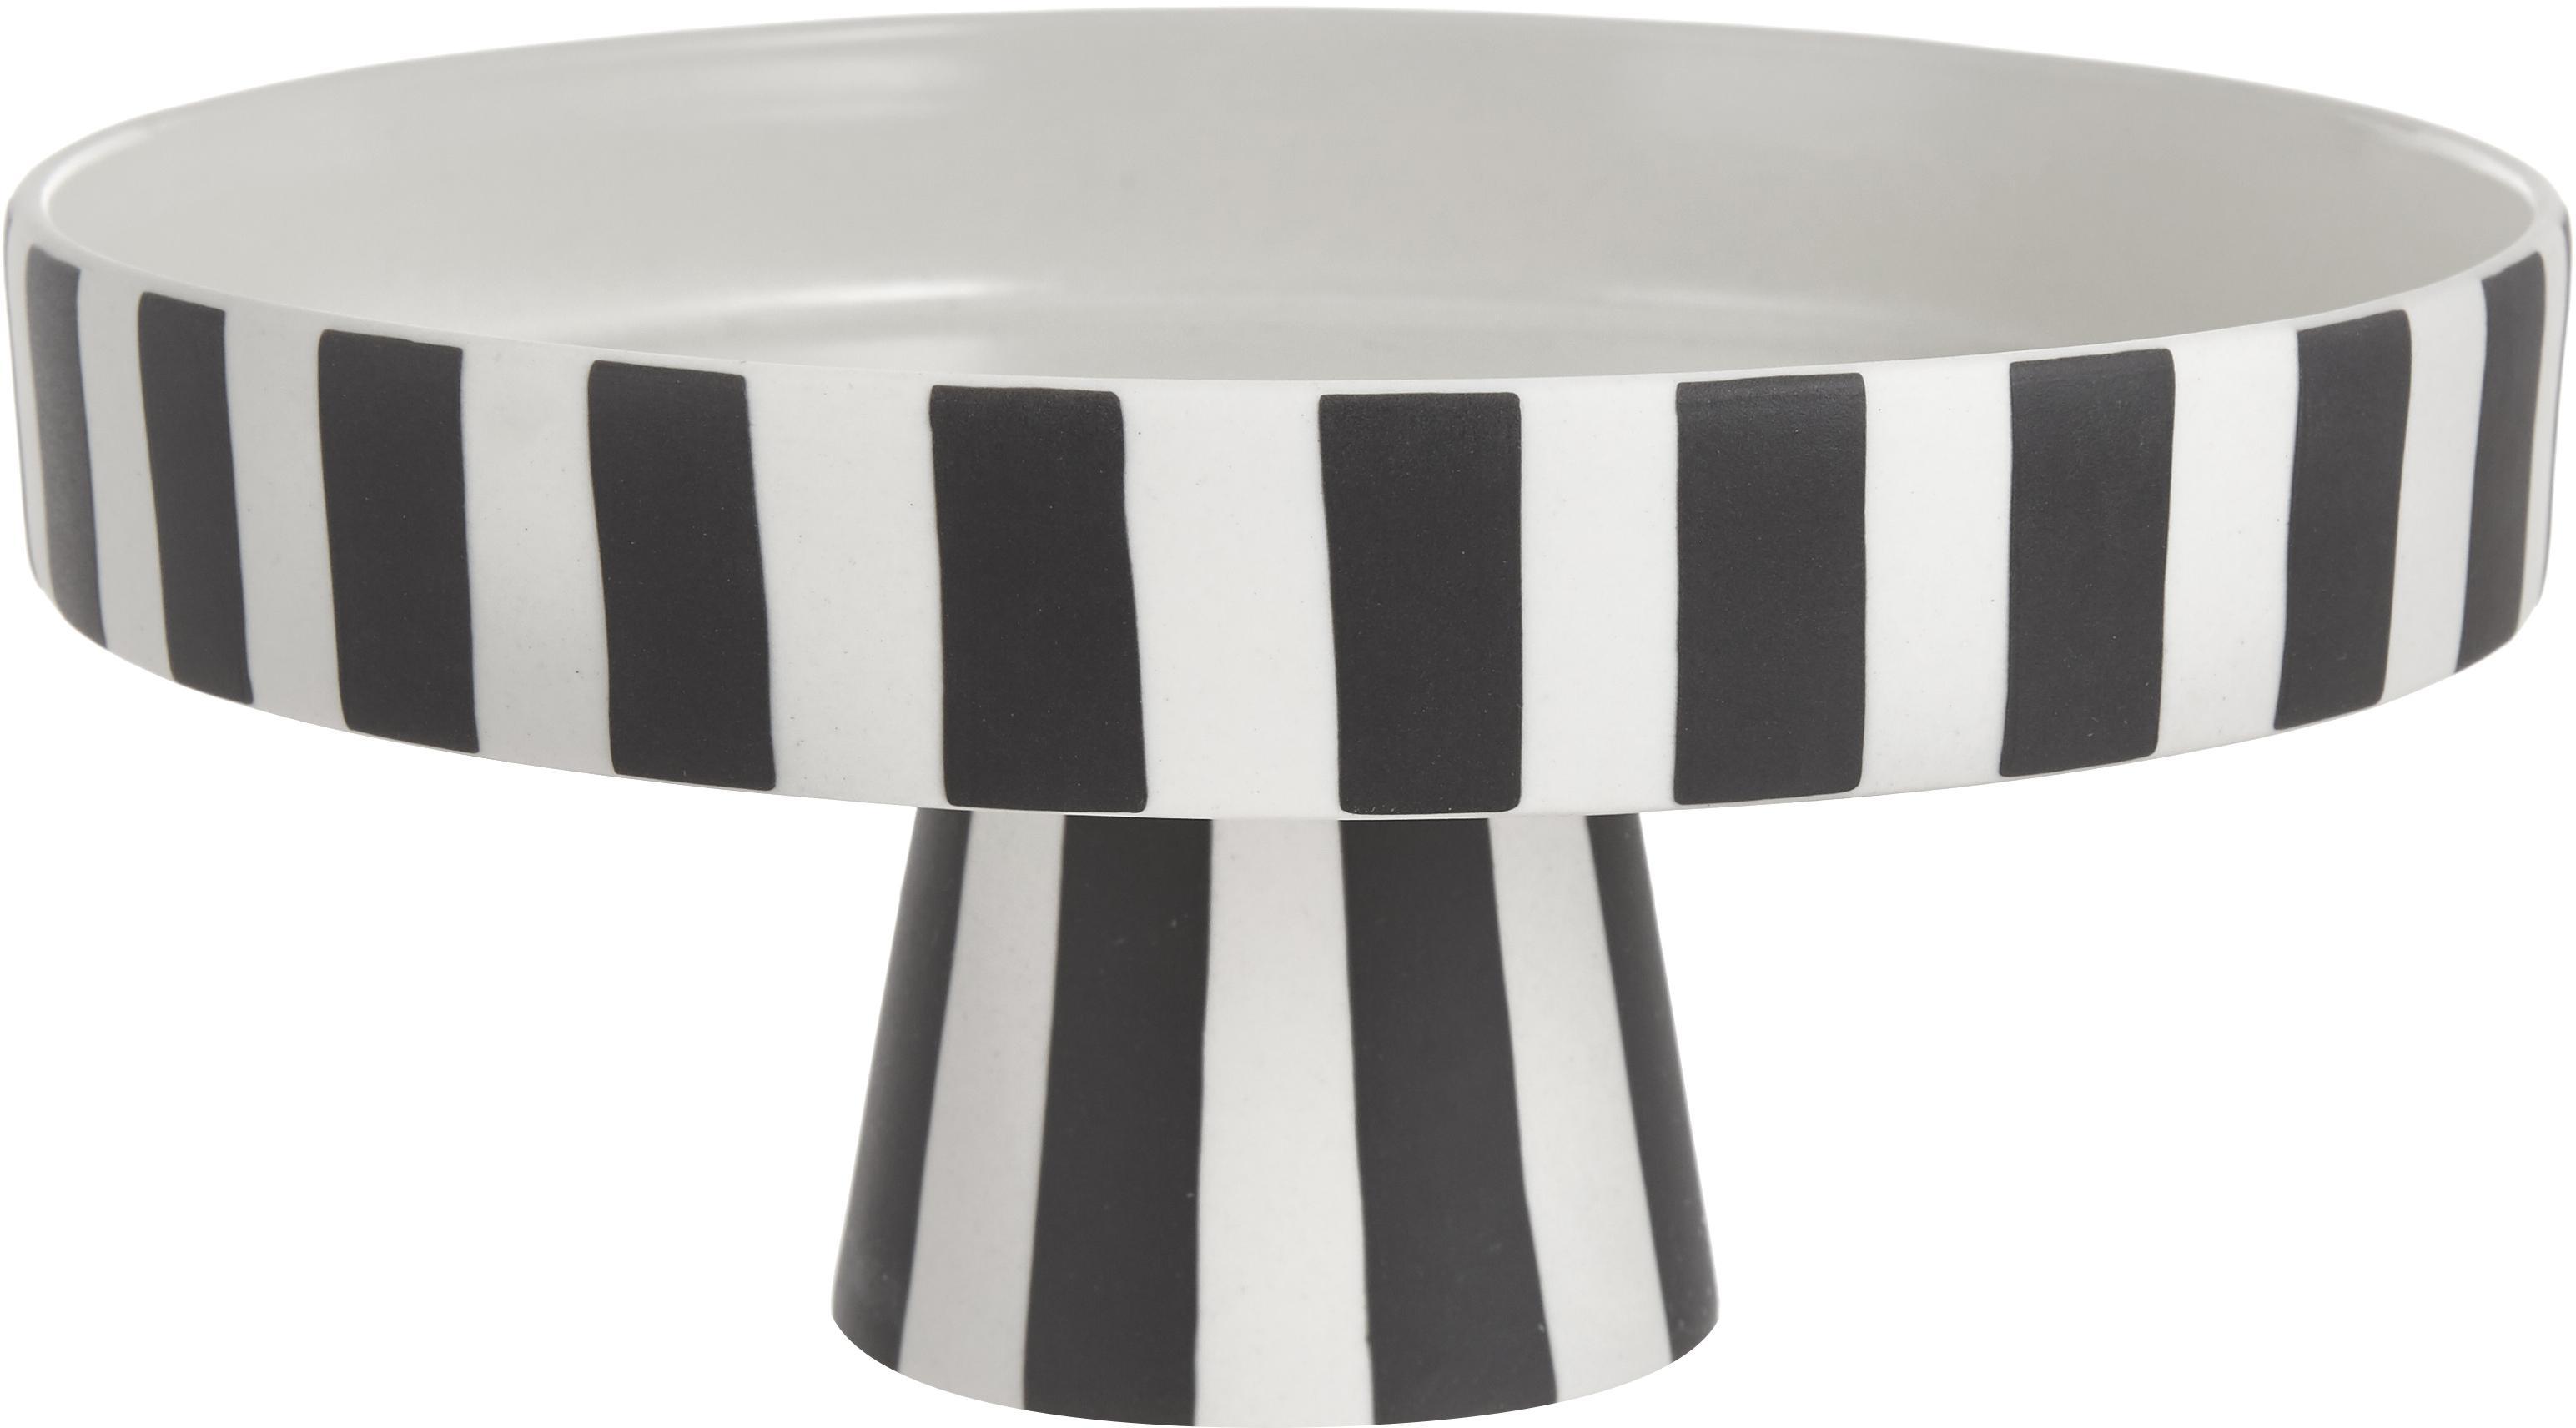 Servierplatte Toppu im Streifendesign, Keramik, Weiss, Schwarz, Ø 20 x H 9 cm